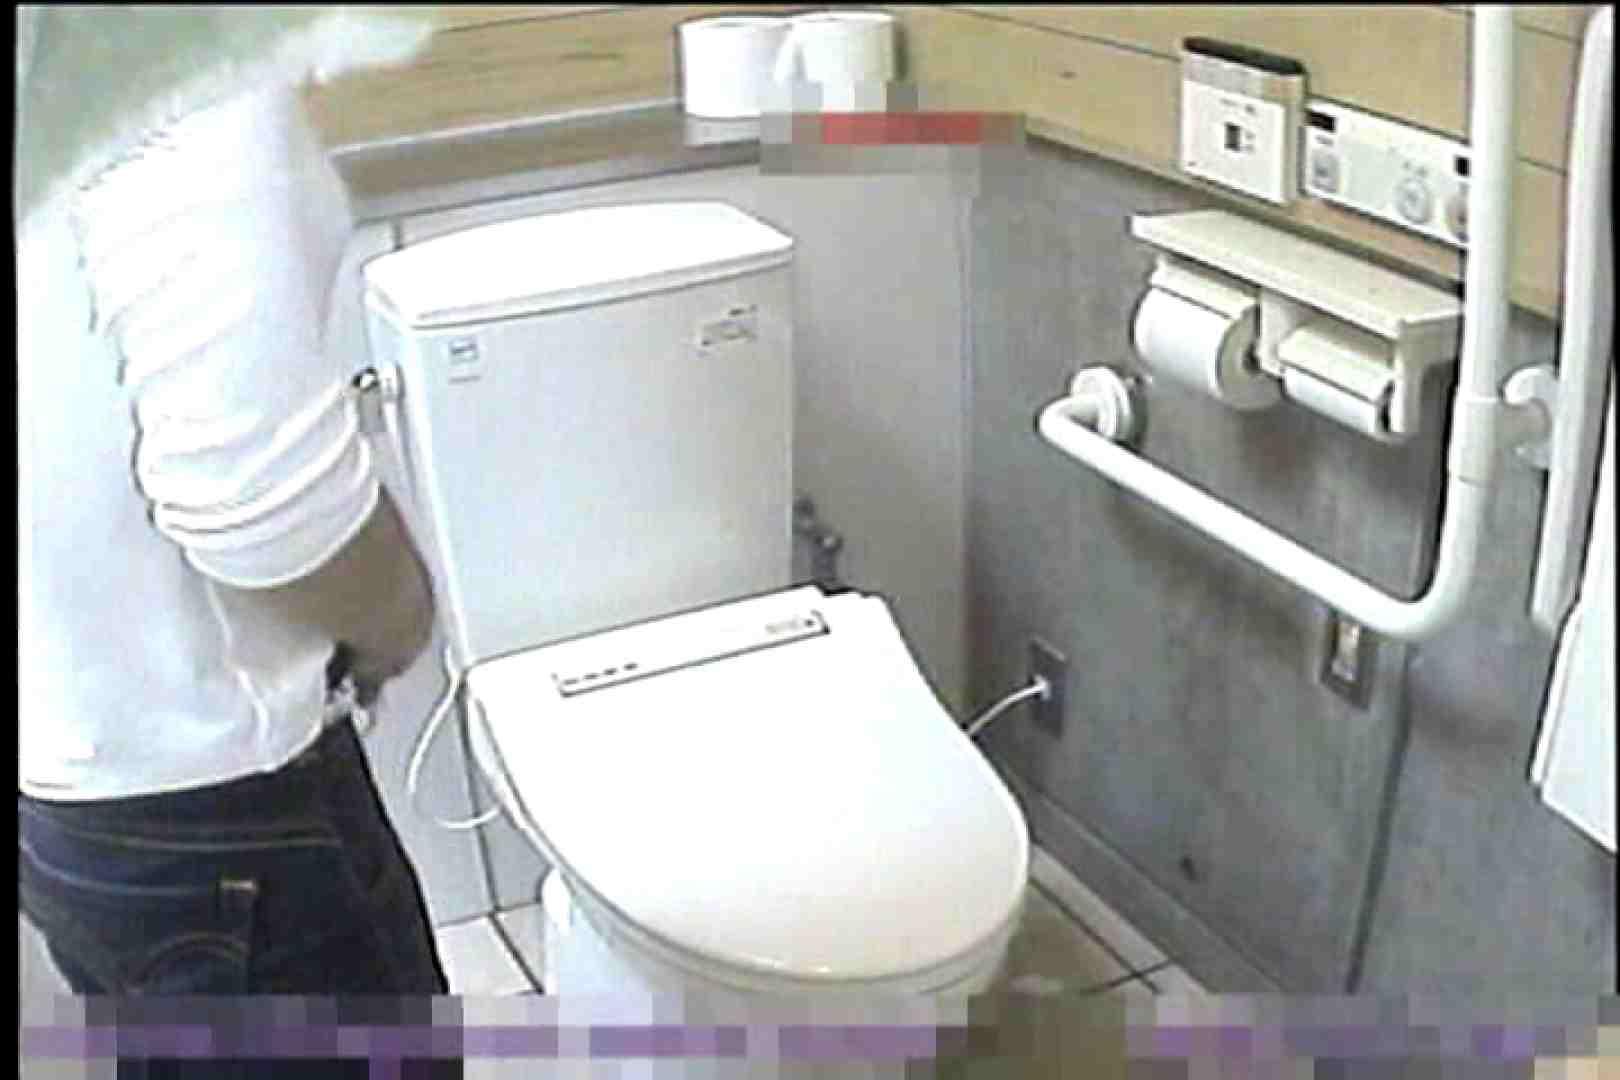 2点盗撮洗面所潜入レポートVol.7 洋式固定カメラ編 0 | 0  101画像 7